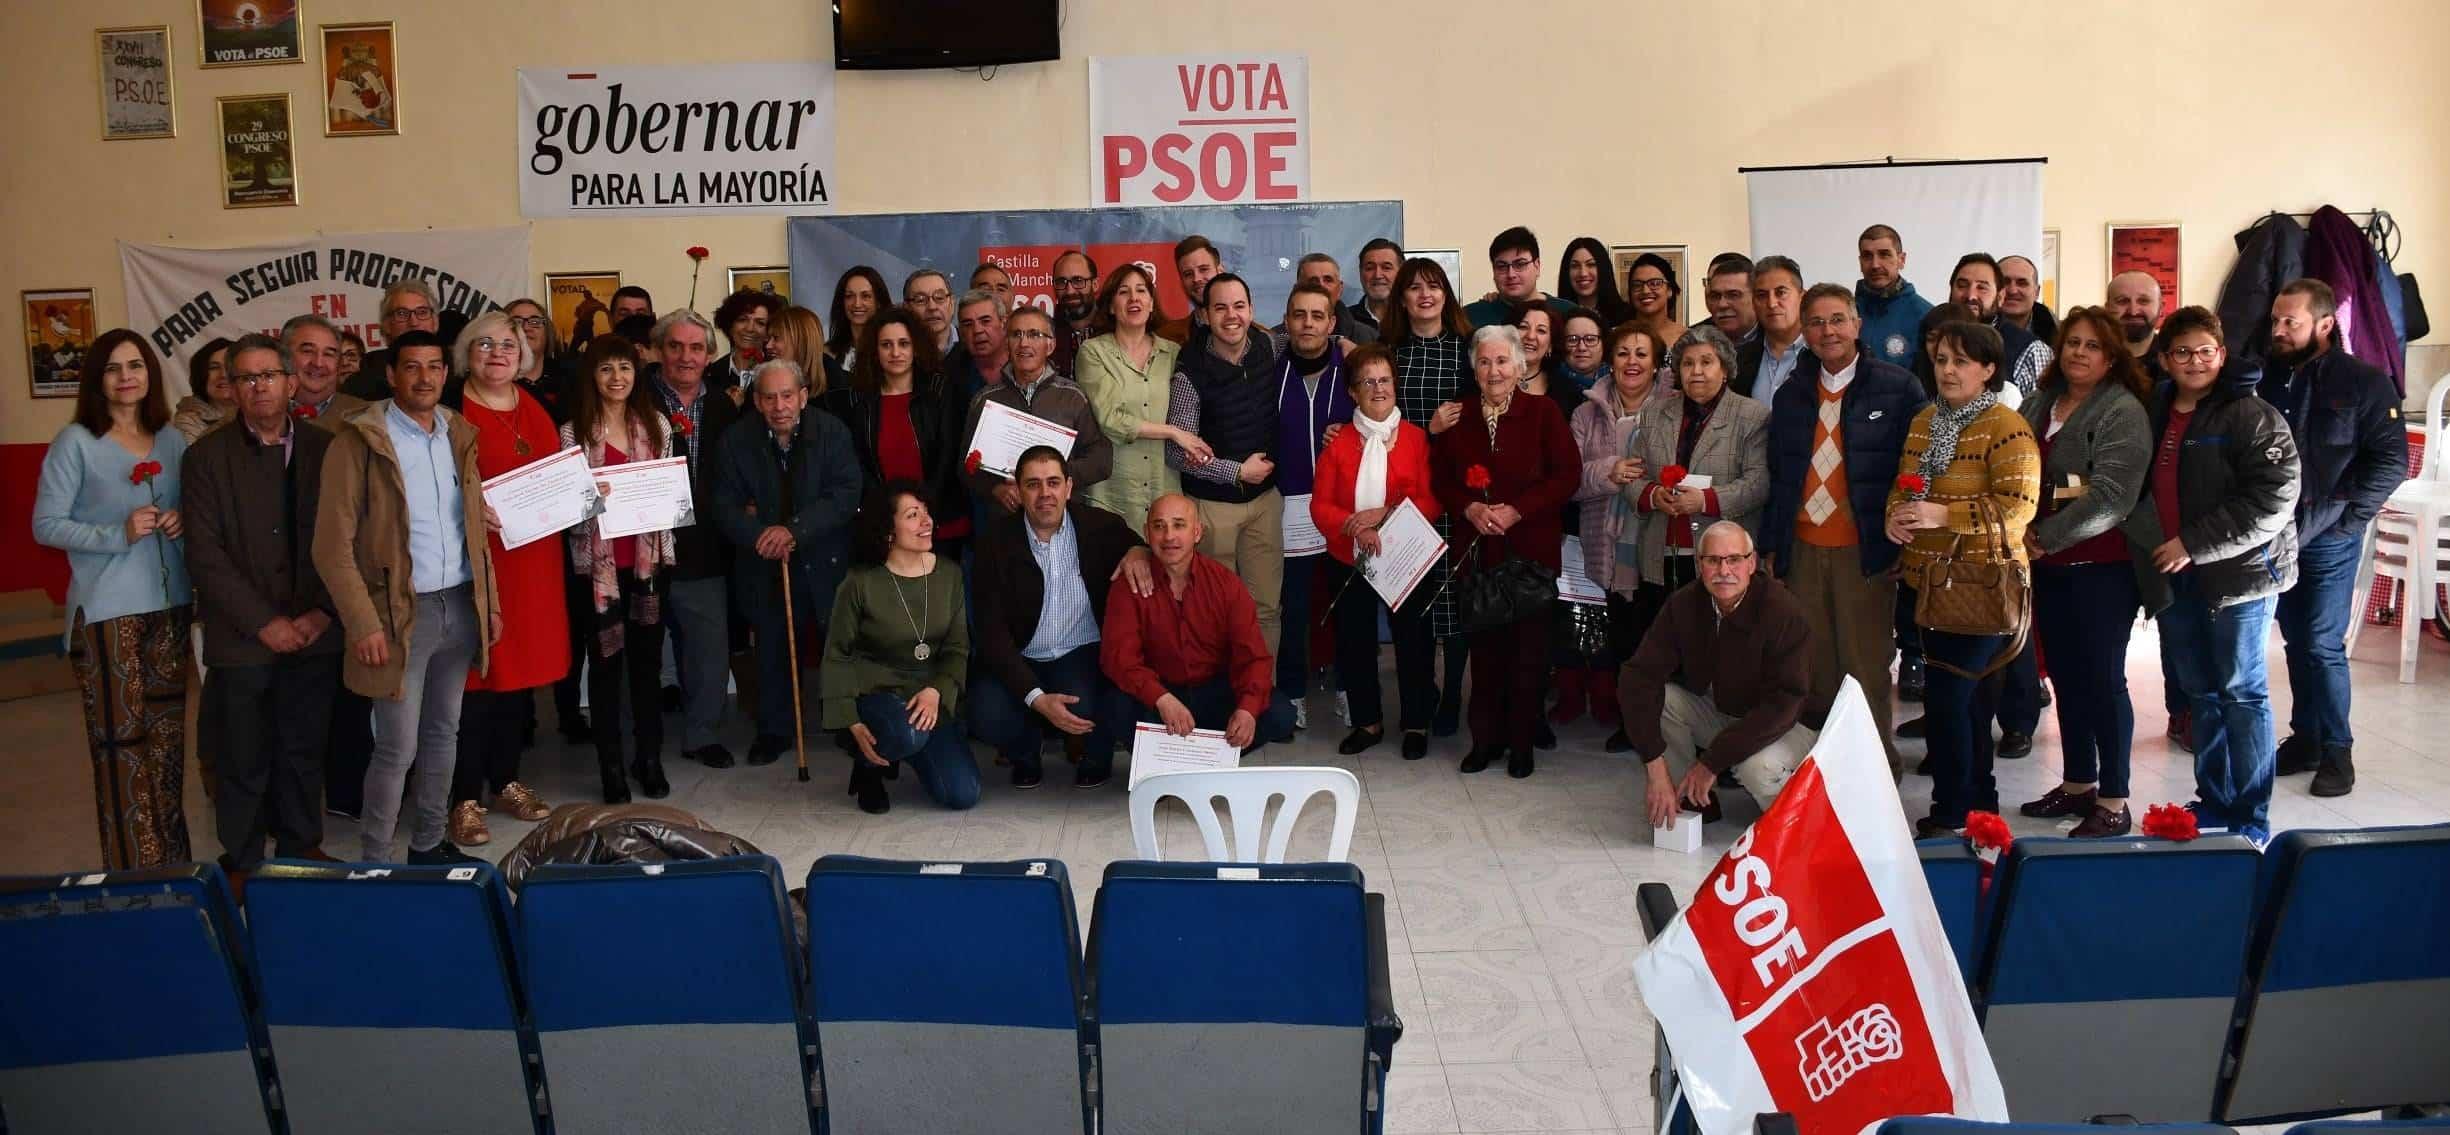 """homenaje concejales democraticos psoe herencia - El PSOE de Herencia rinde un """"merecido homenaje"""" a todos los hombres y mujeres que han contribuido a transformar el municipio"""